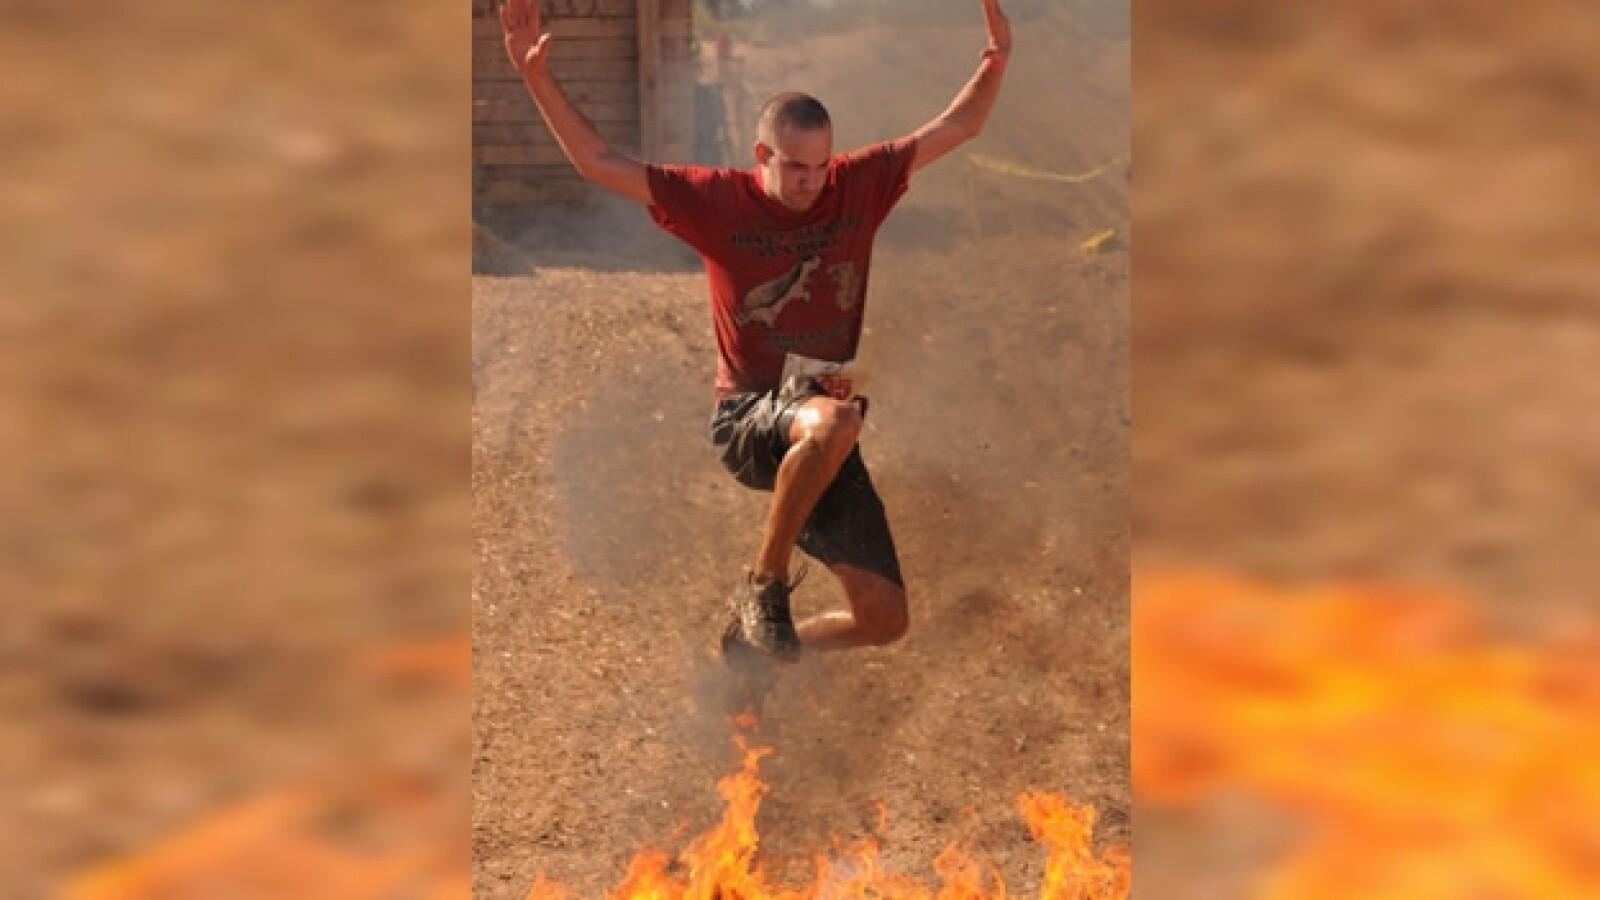 un chico salta sobre fuego